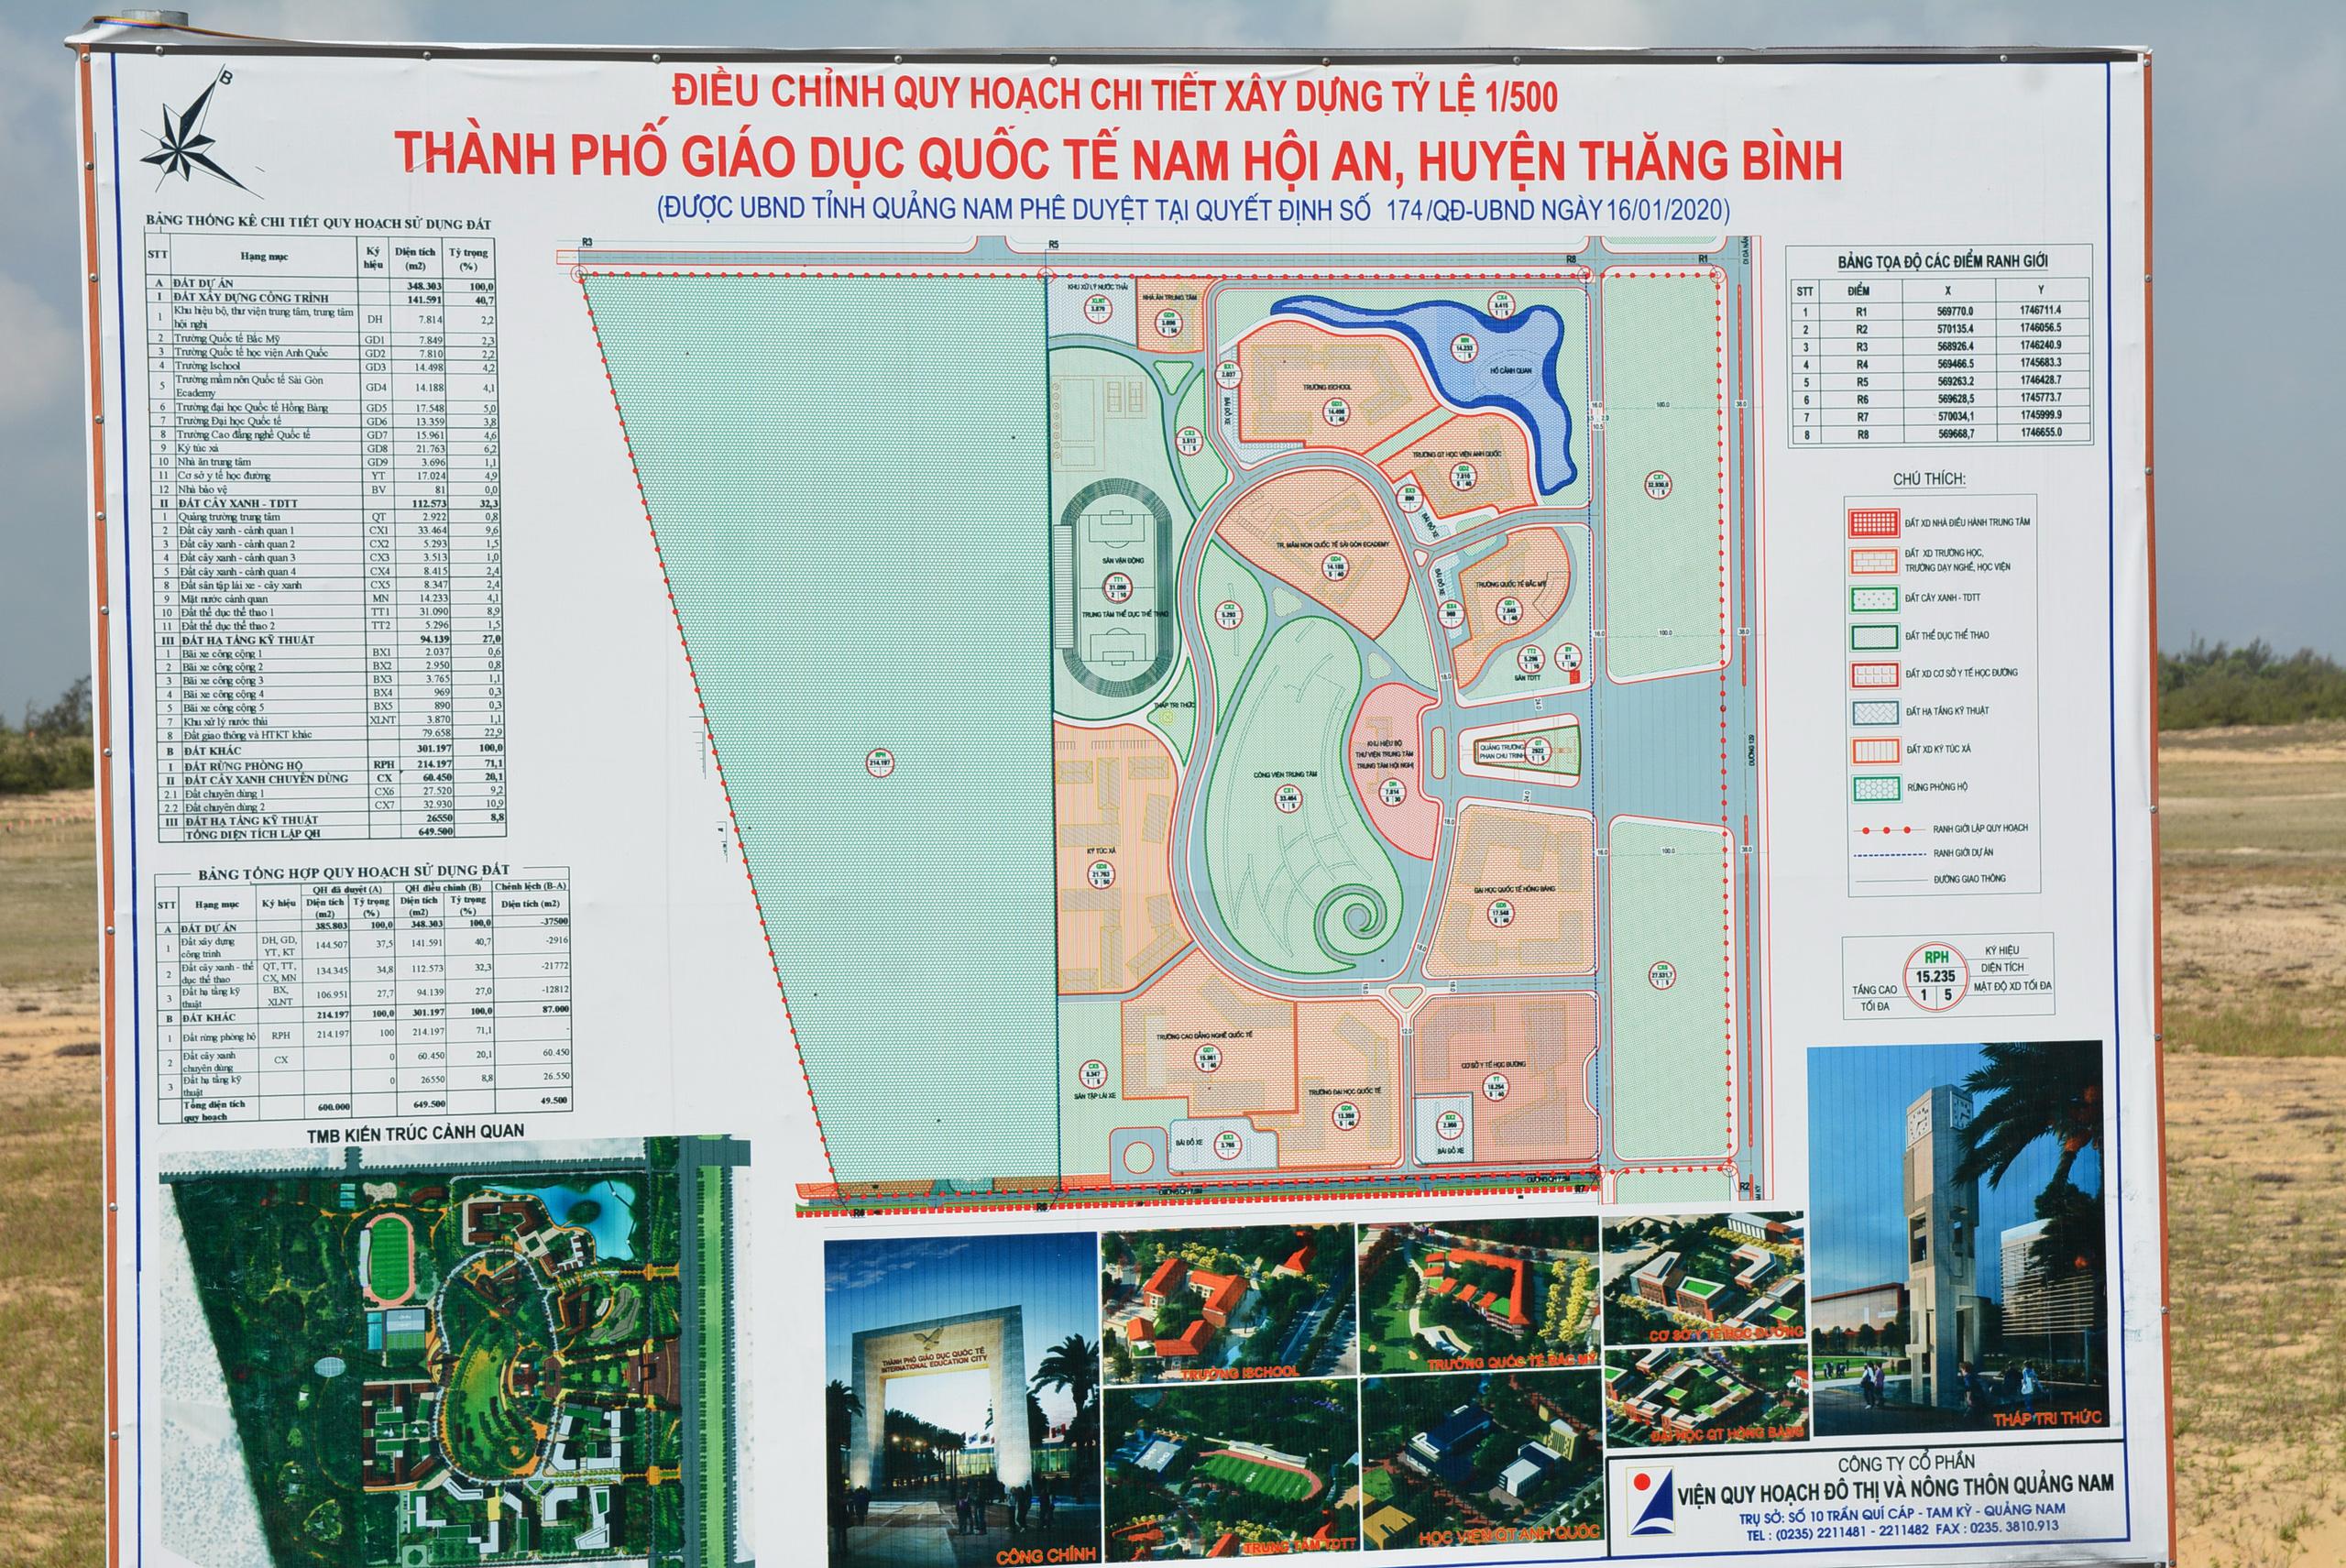 Cận cảnh khu đất Tập đoàn Nguyễn Hoàng đầu tư thành phố giáo dục, đối diện Vinpearl Nam Hội An - Ảnh 8.